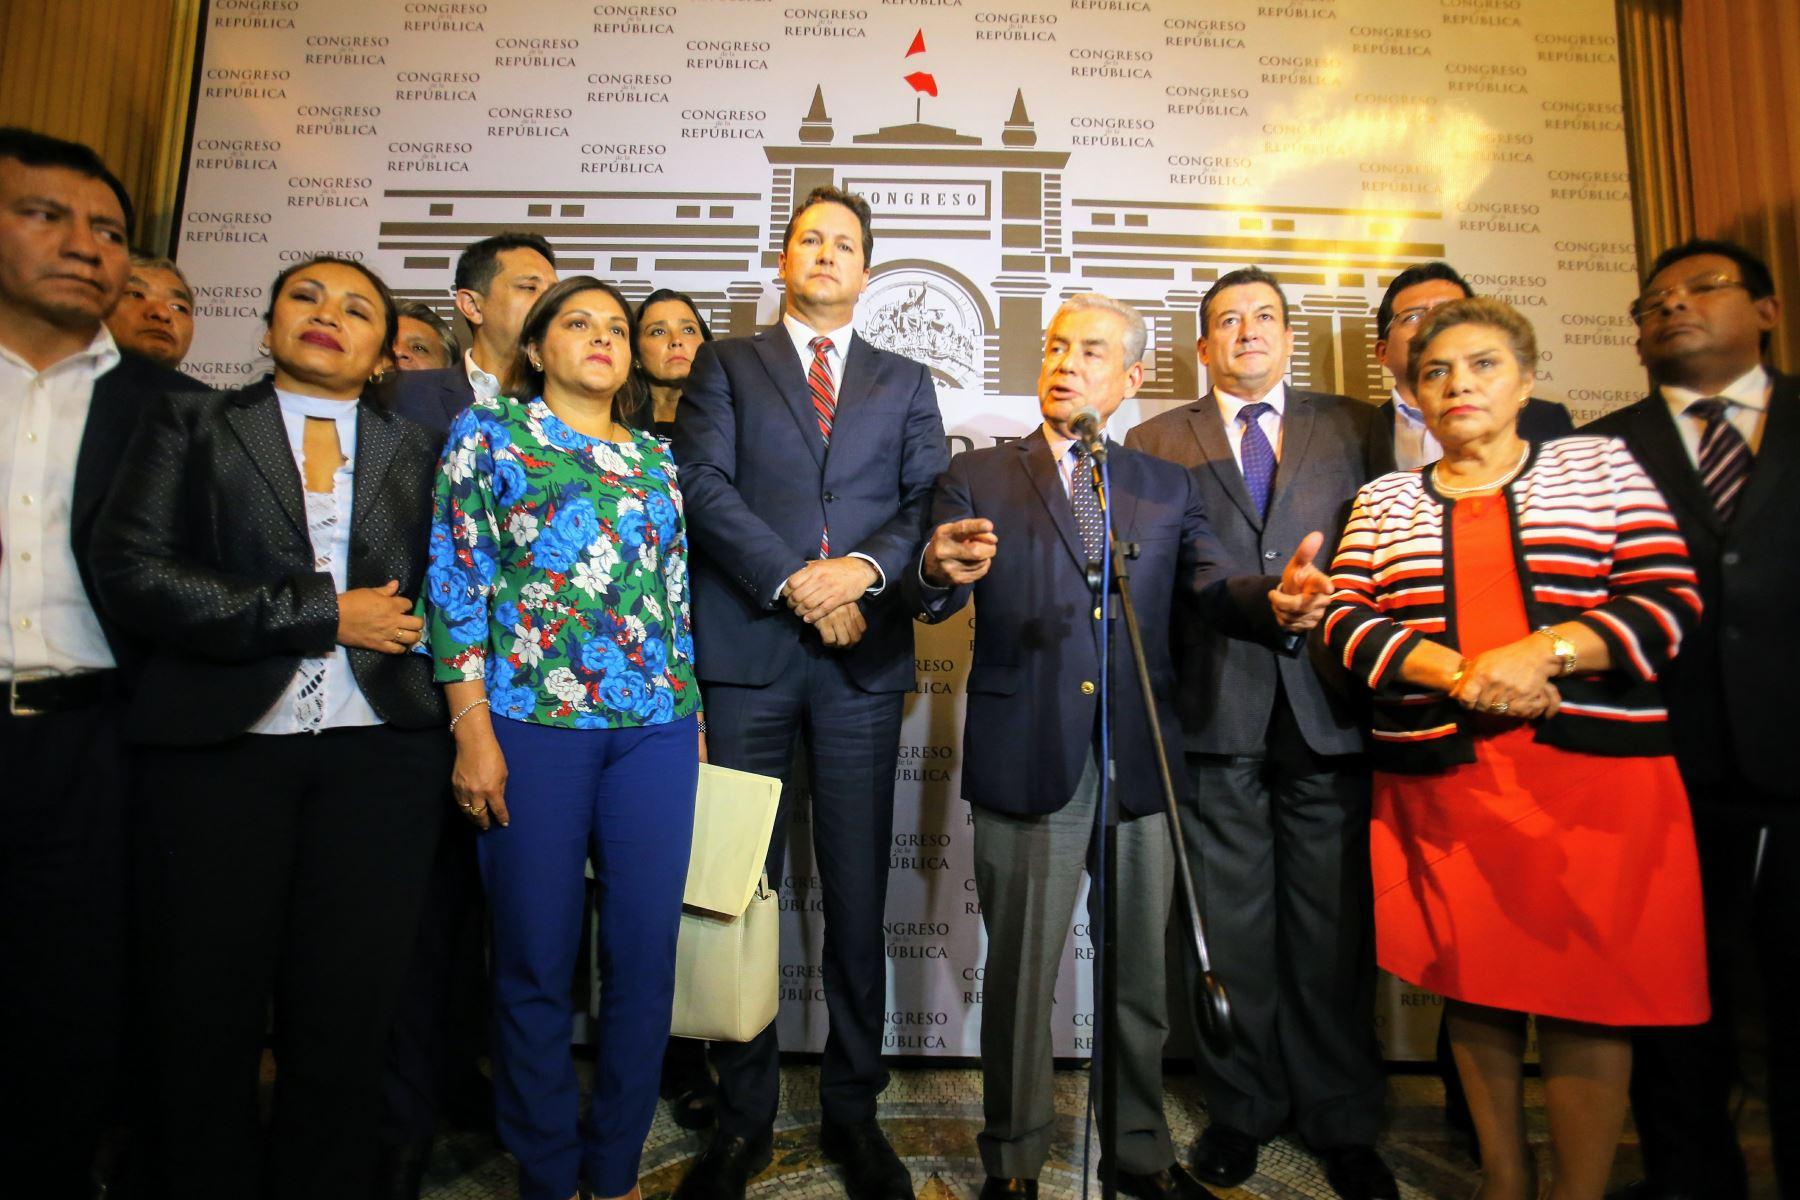 Presidente del Consejo de Ministros, César Villanueva, se dirige a la prensa dando alcances de su reunión con la bancada fujimorista. Foto: ANDINA/Luis Iparraguirre